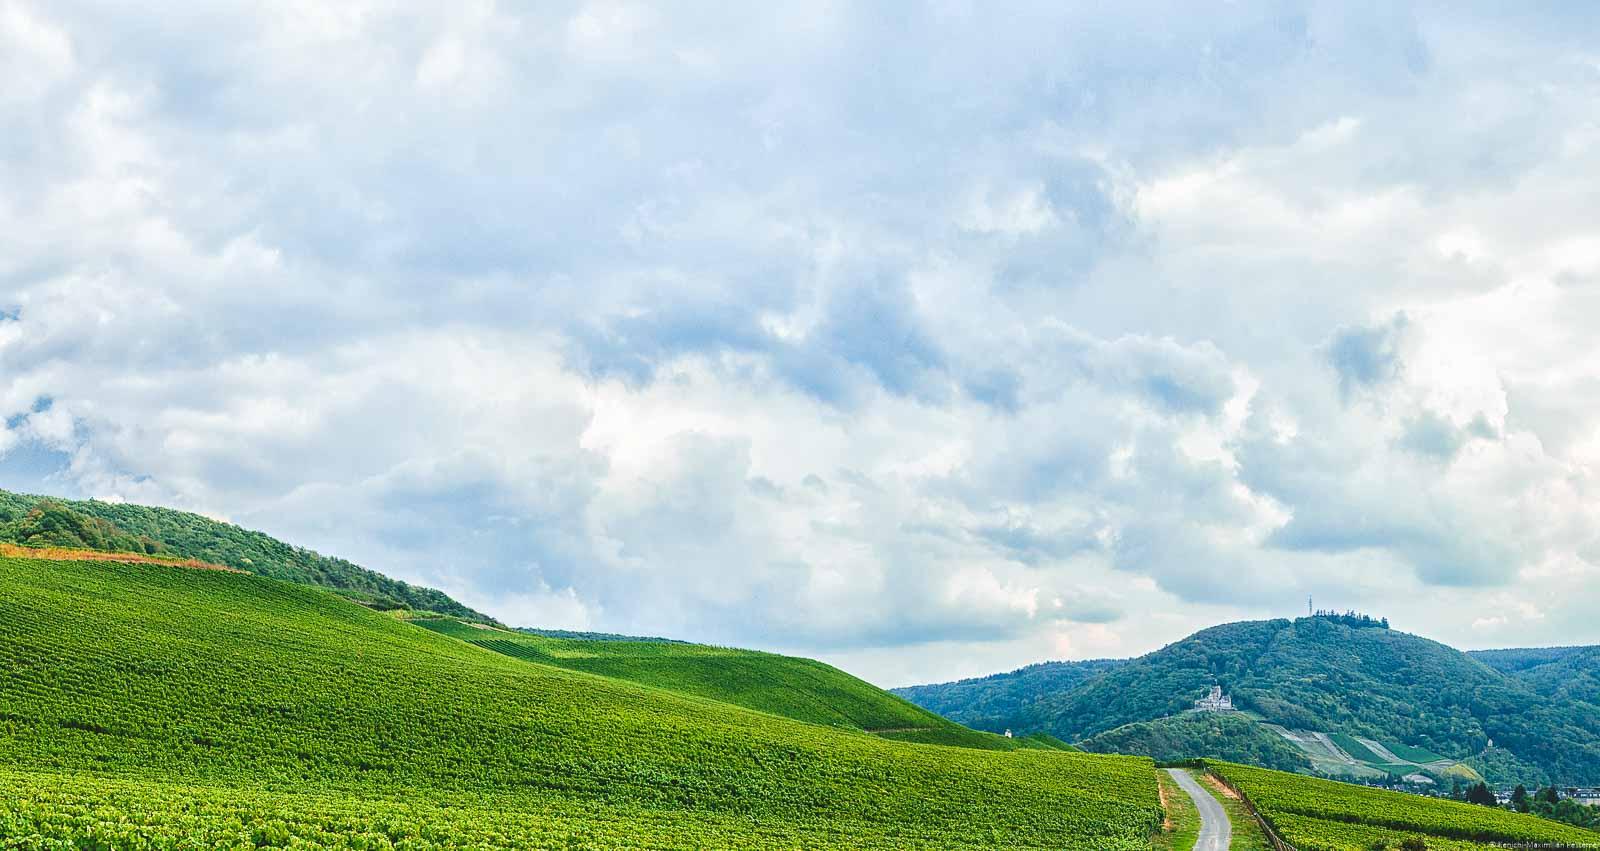 Weite ausschweifende Weinberge, Burg, Wälder und Wolken am Himmel